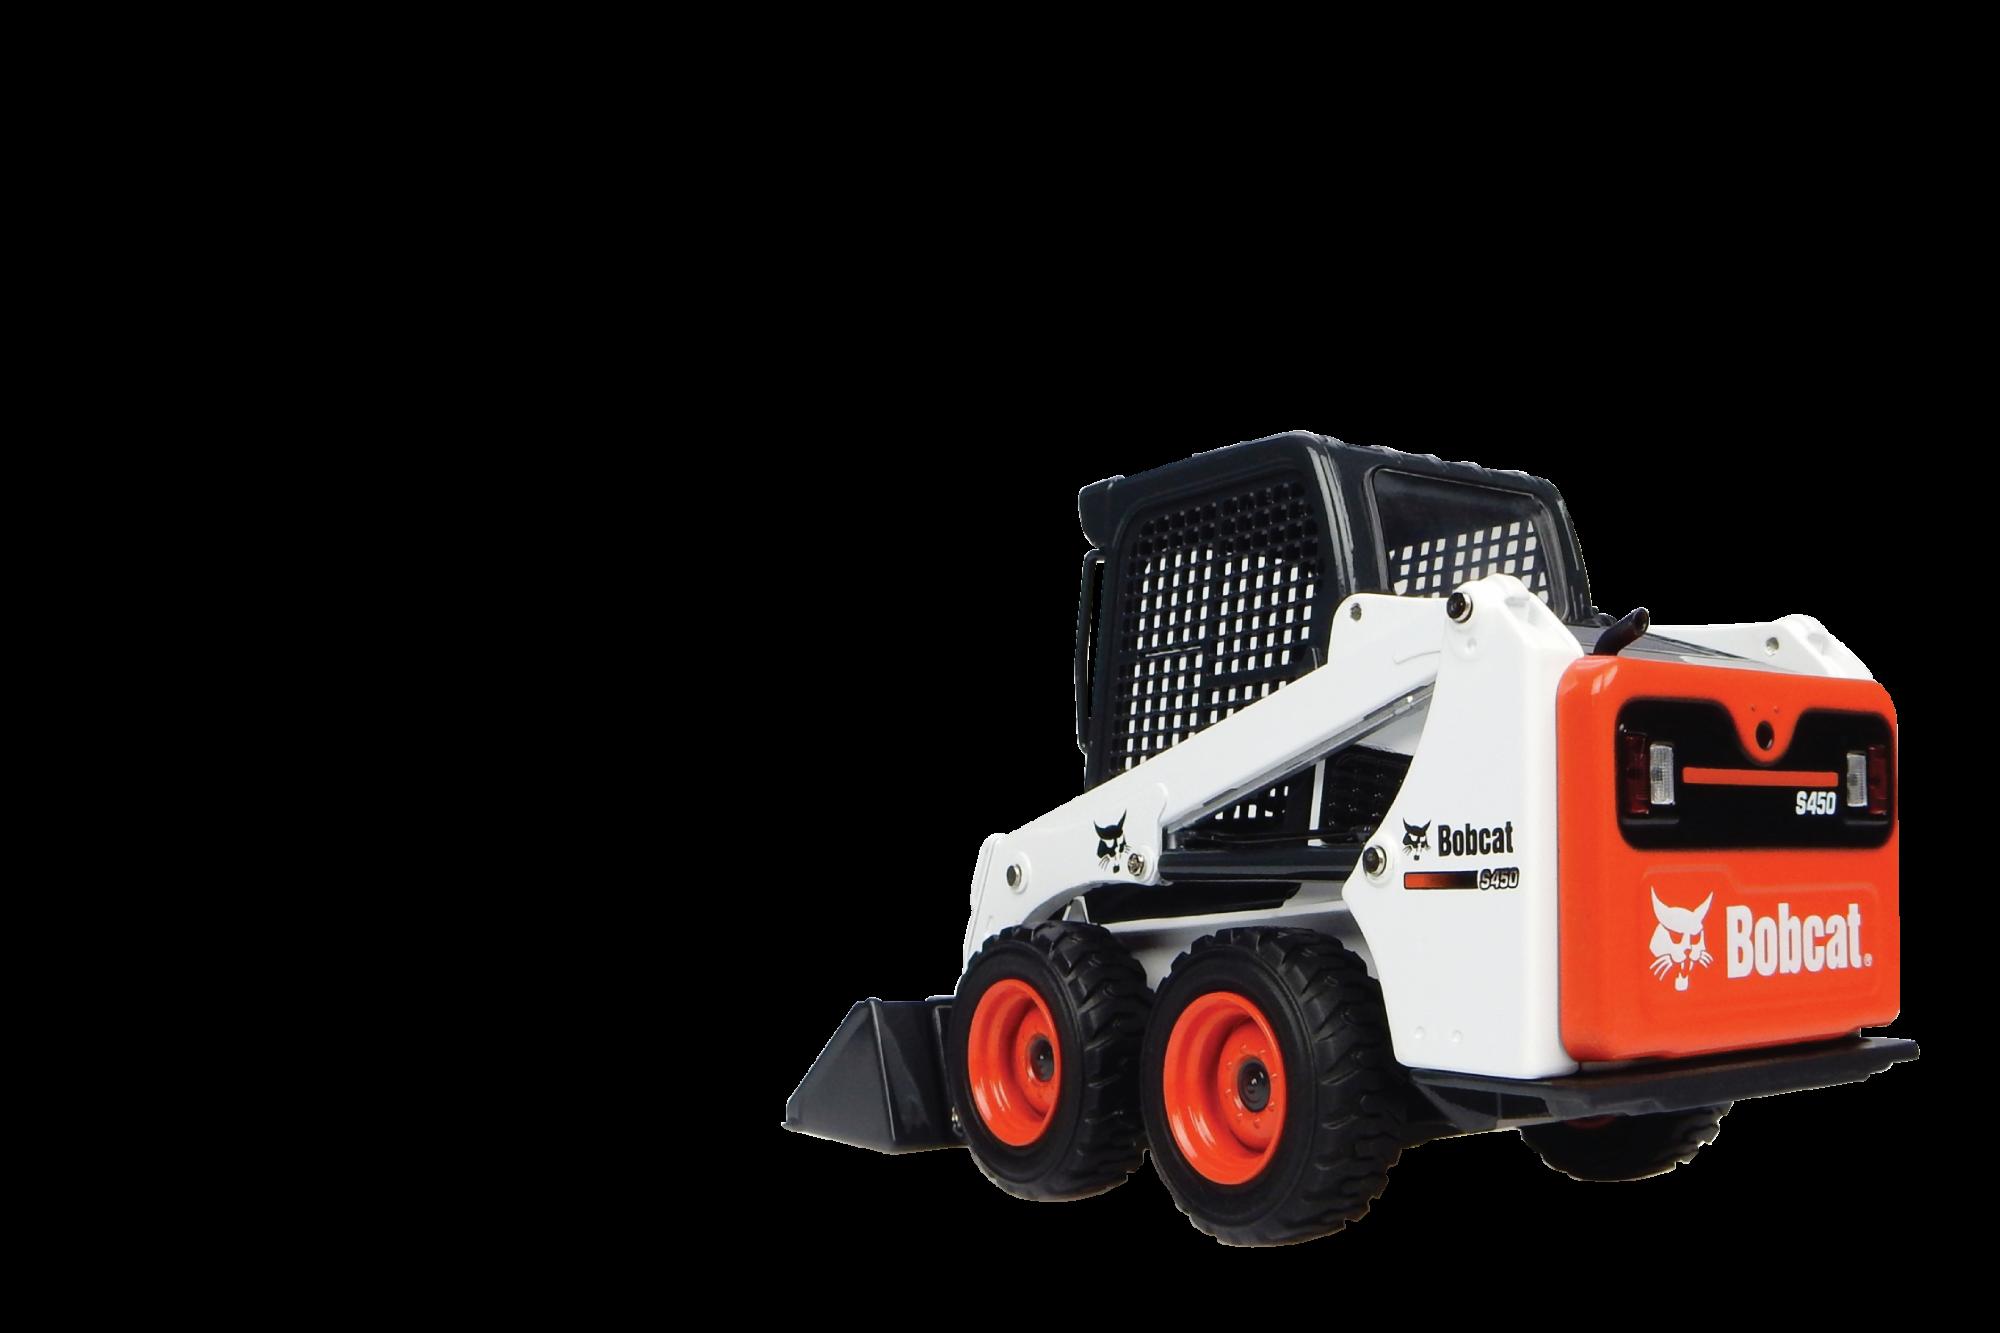 BOBCAT S450 - Italthai Industrial